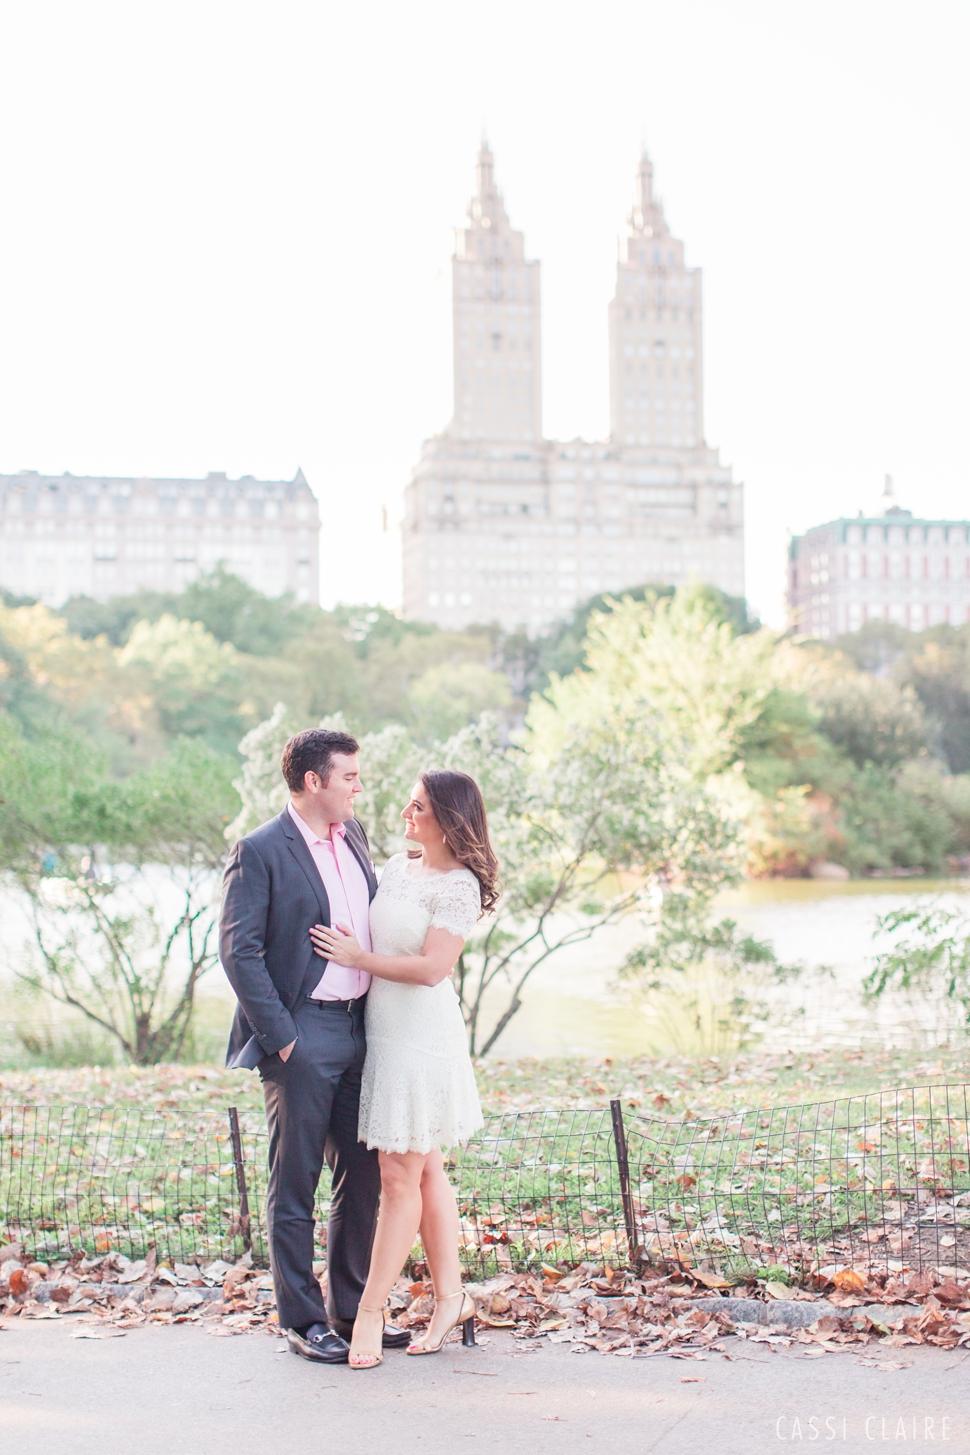 NJ-Engagement-Photos_Cassi-Claire_23.jpg